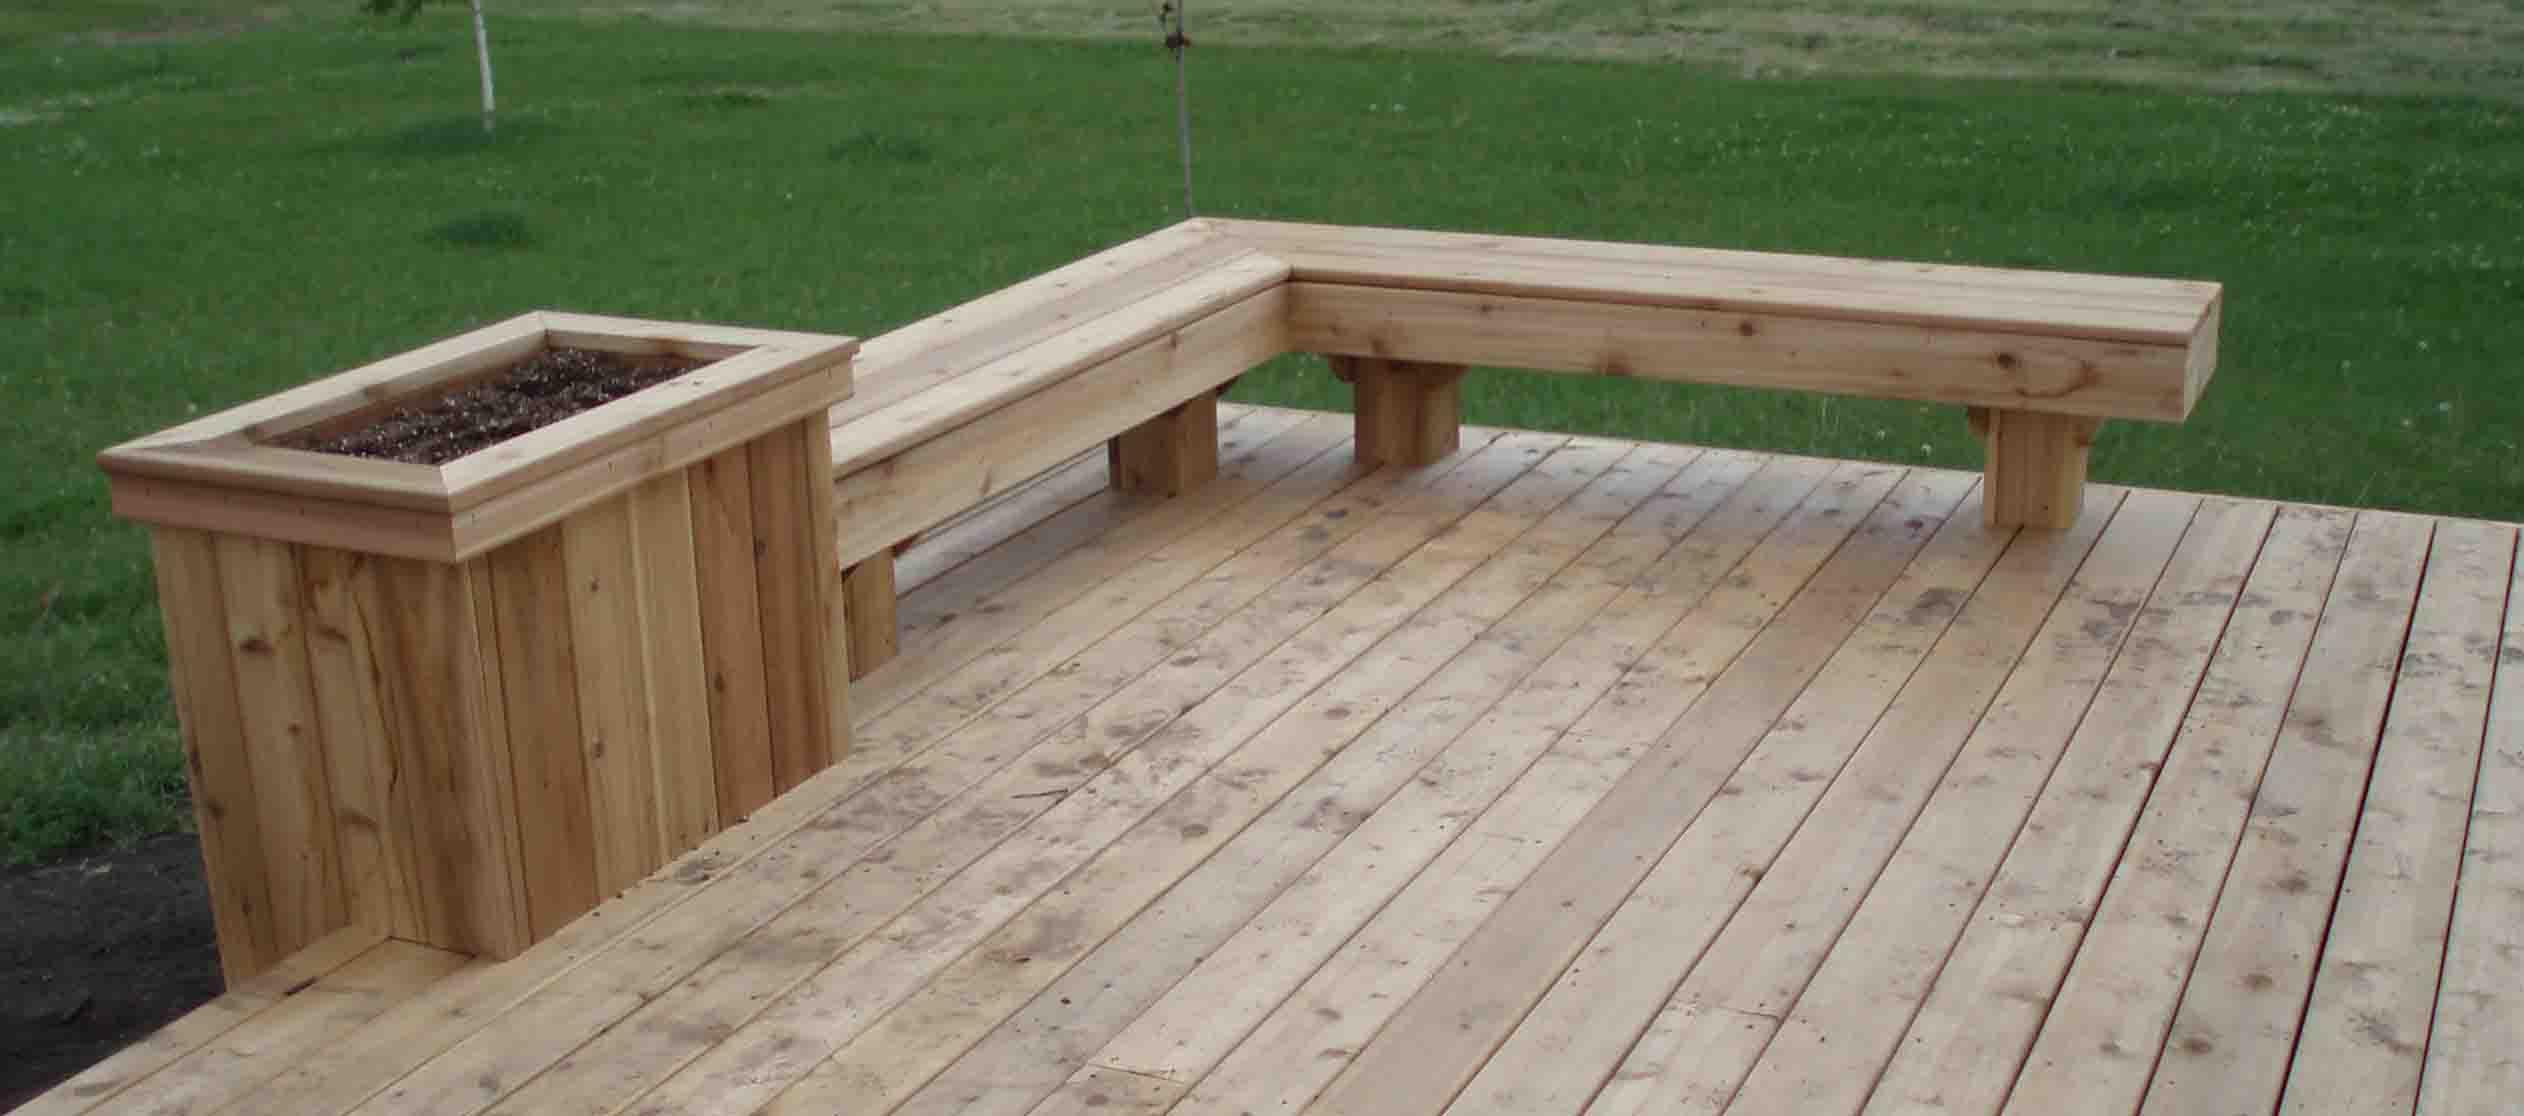 Cedar Deck Designs On Pinterest Deck Benches Cedar Deck